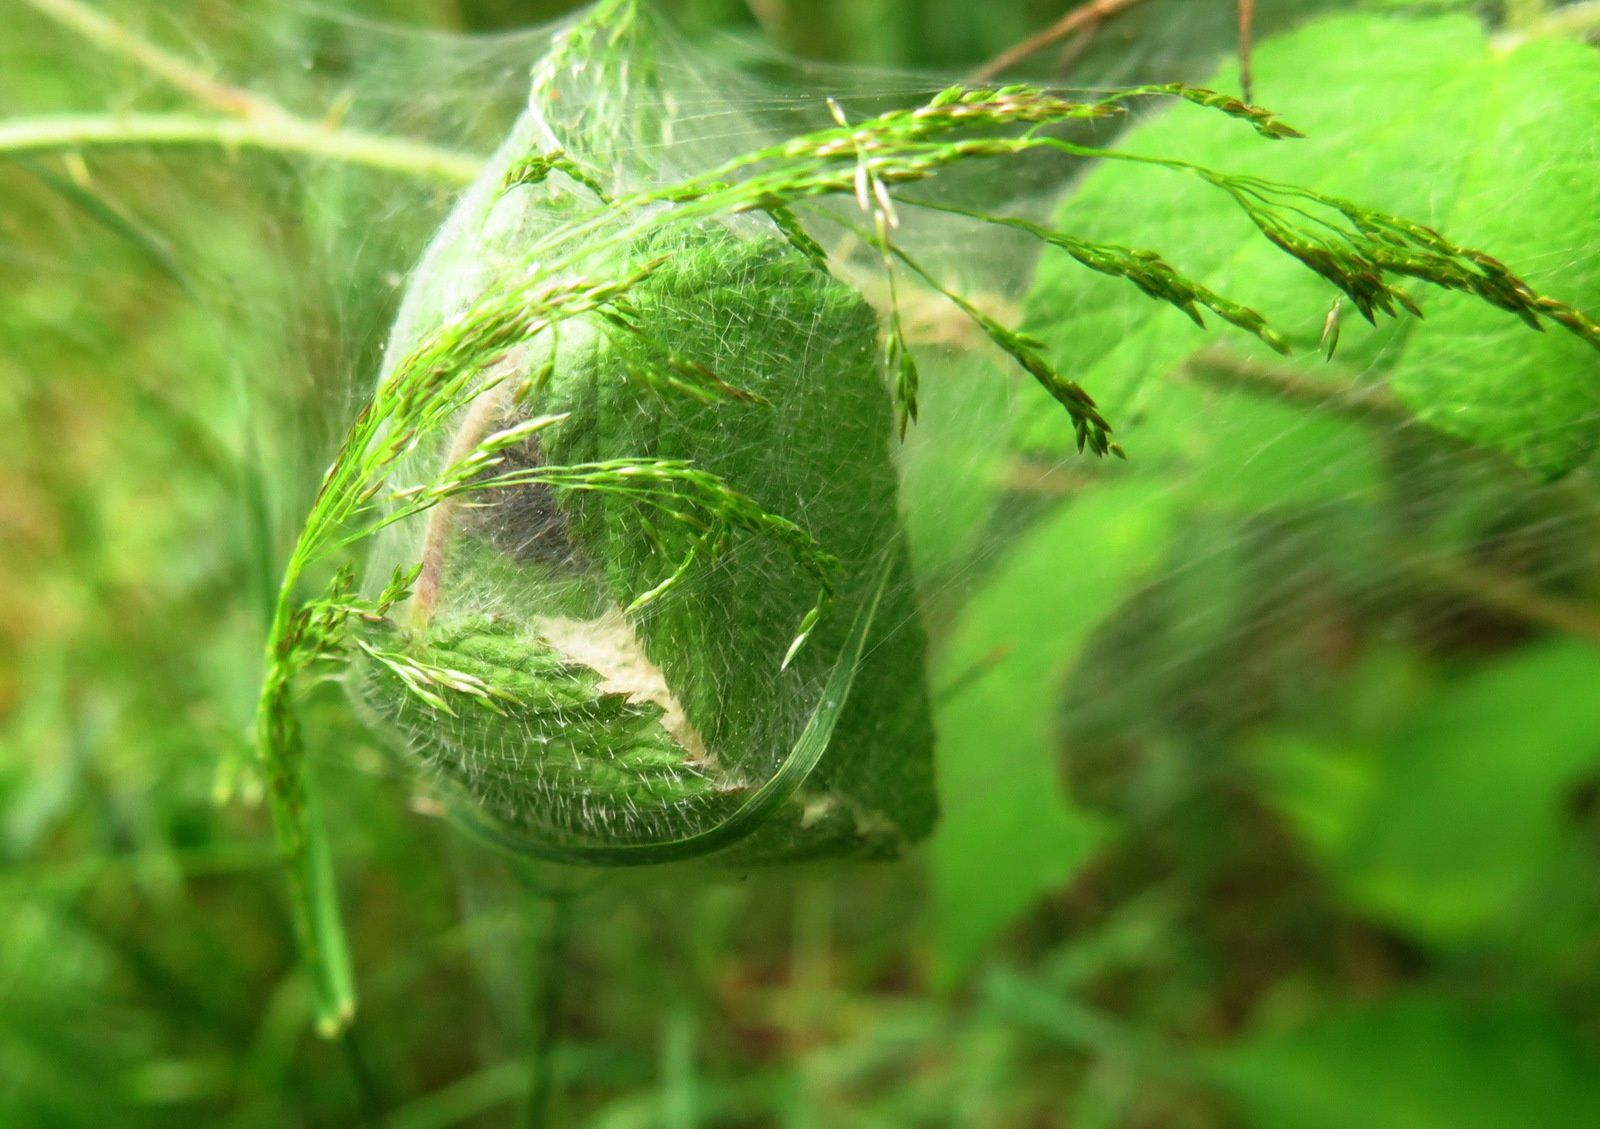 Pisaure admirable ( Pisaura mirabilis ) sur son nid.